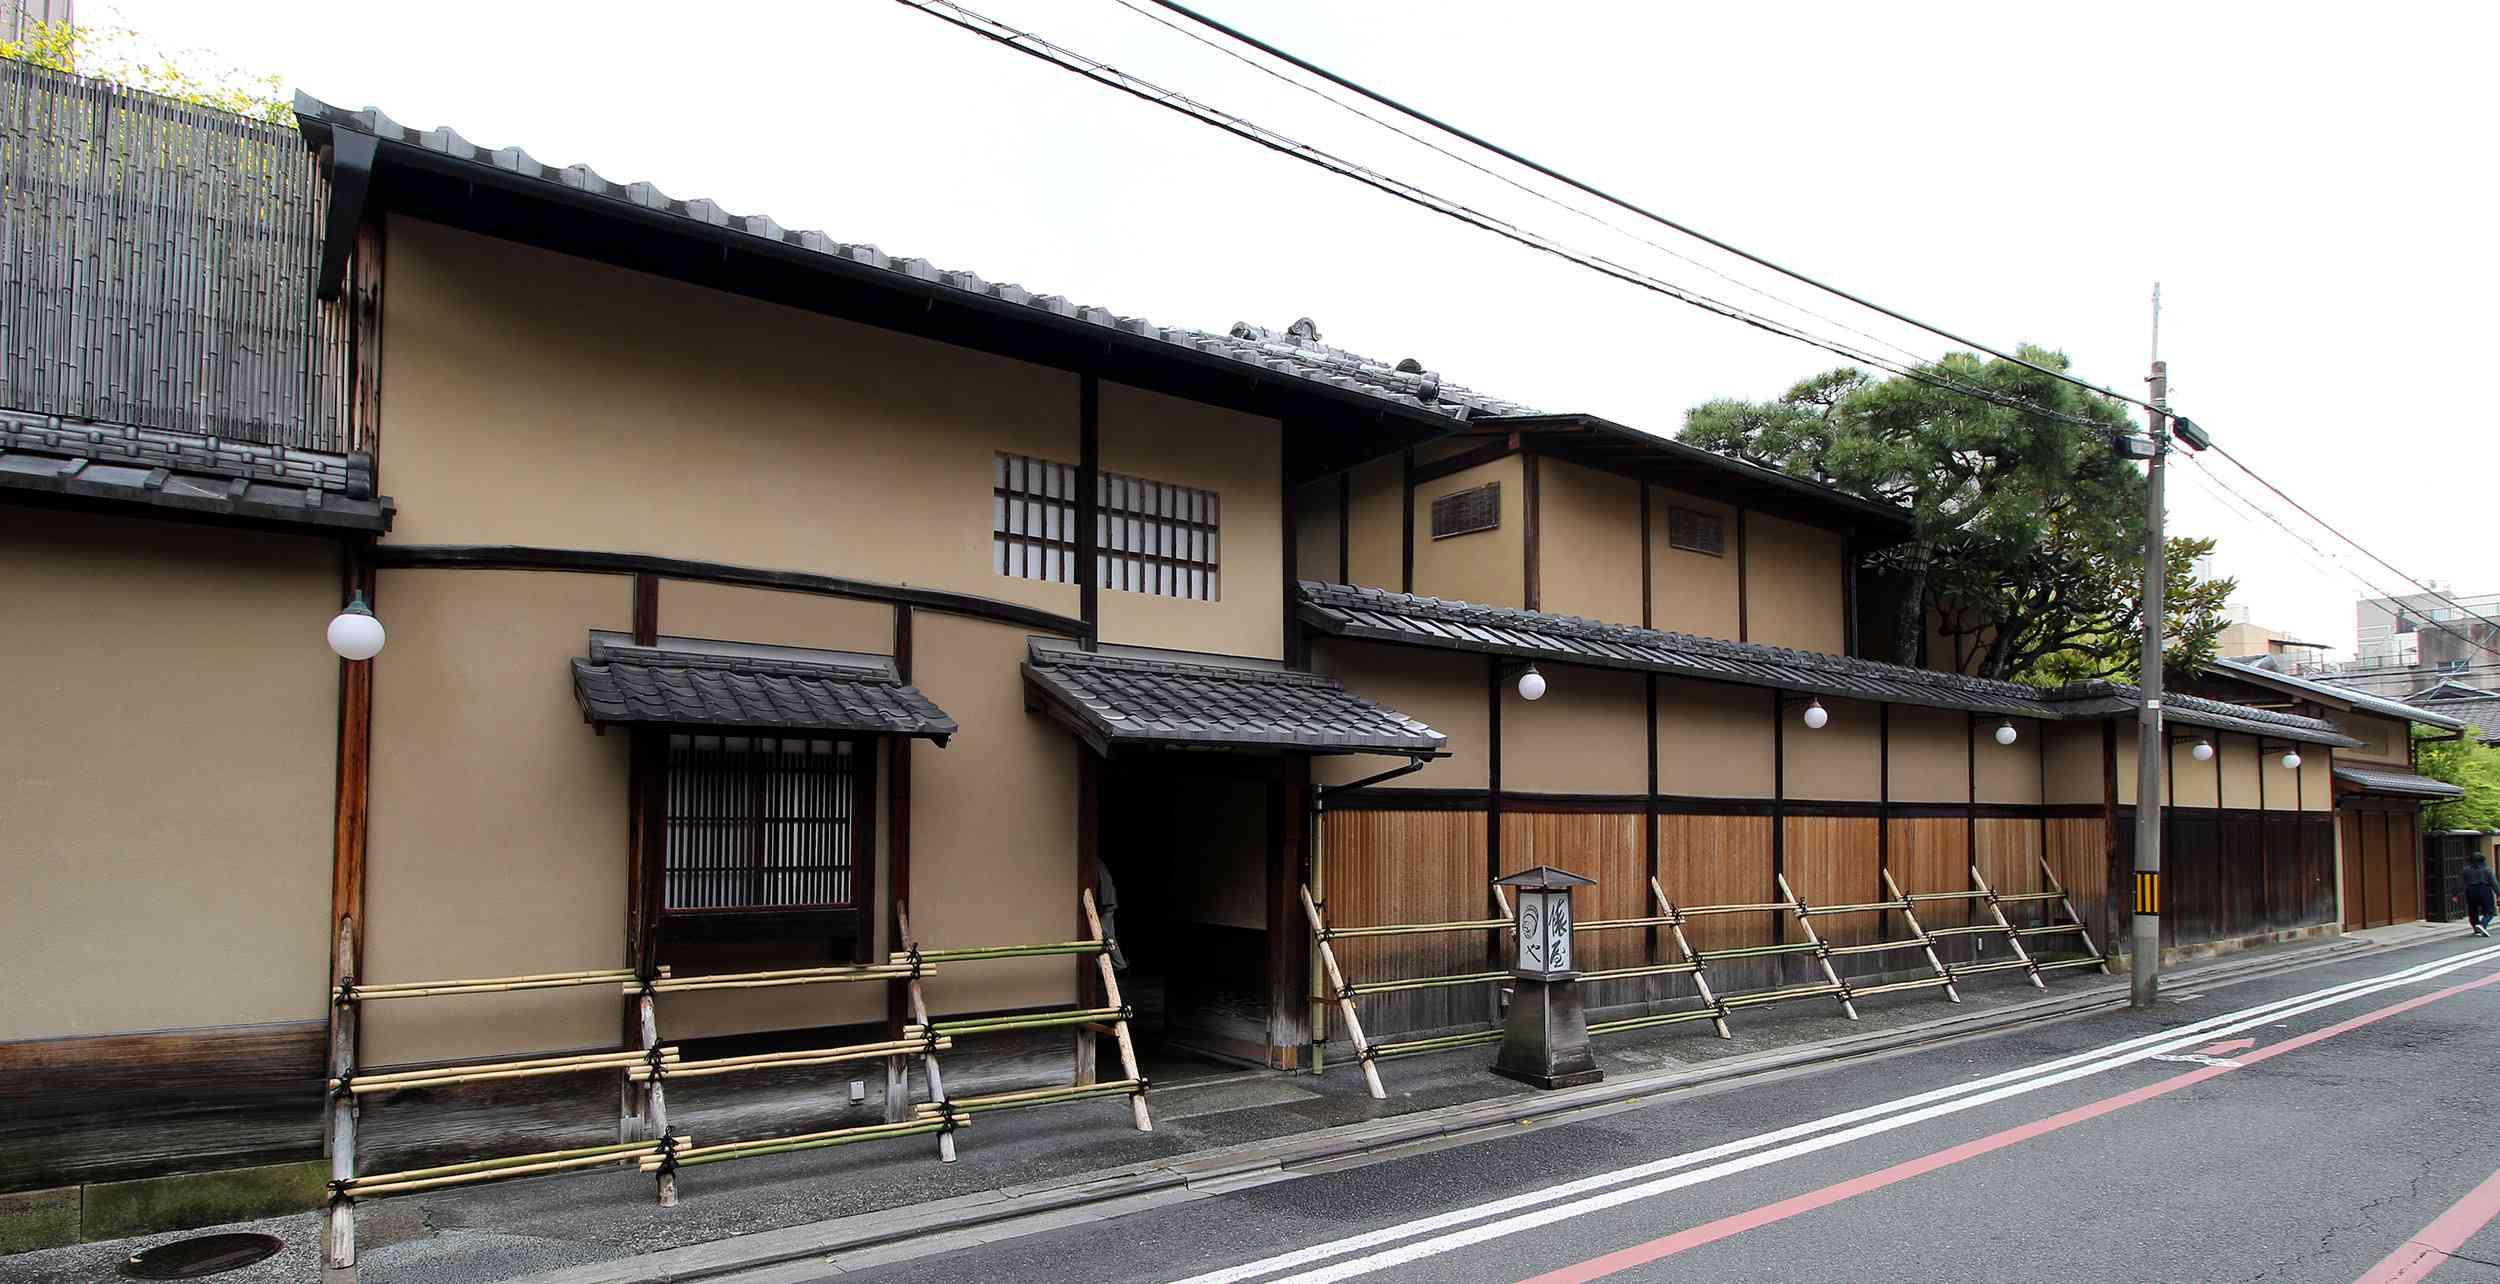 Tawaraya Ryokan in Kyoto, Japan.